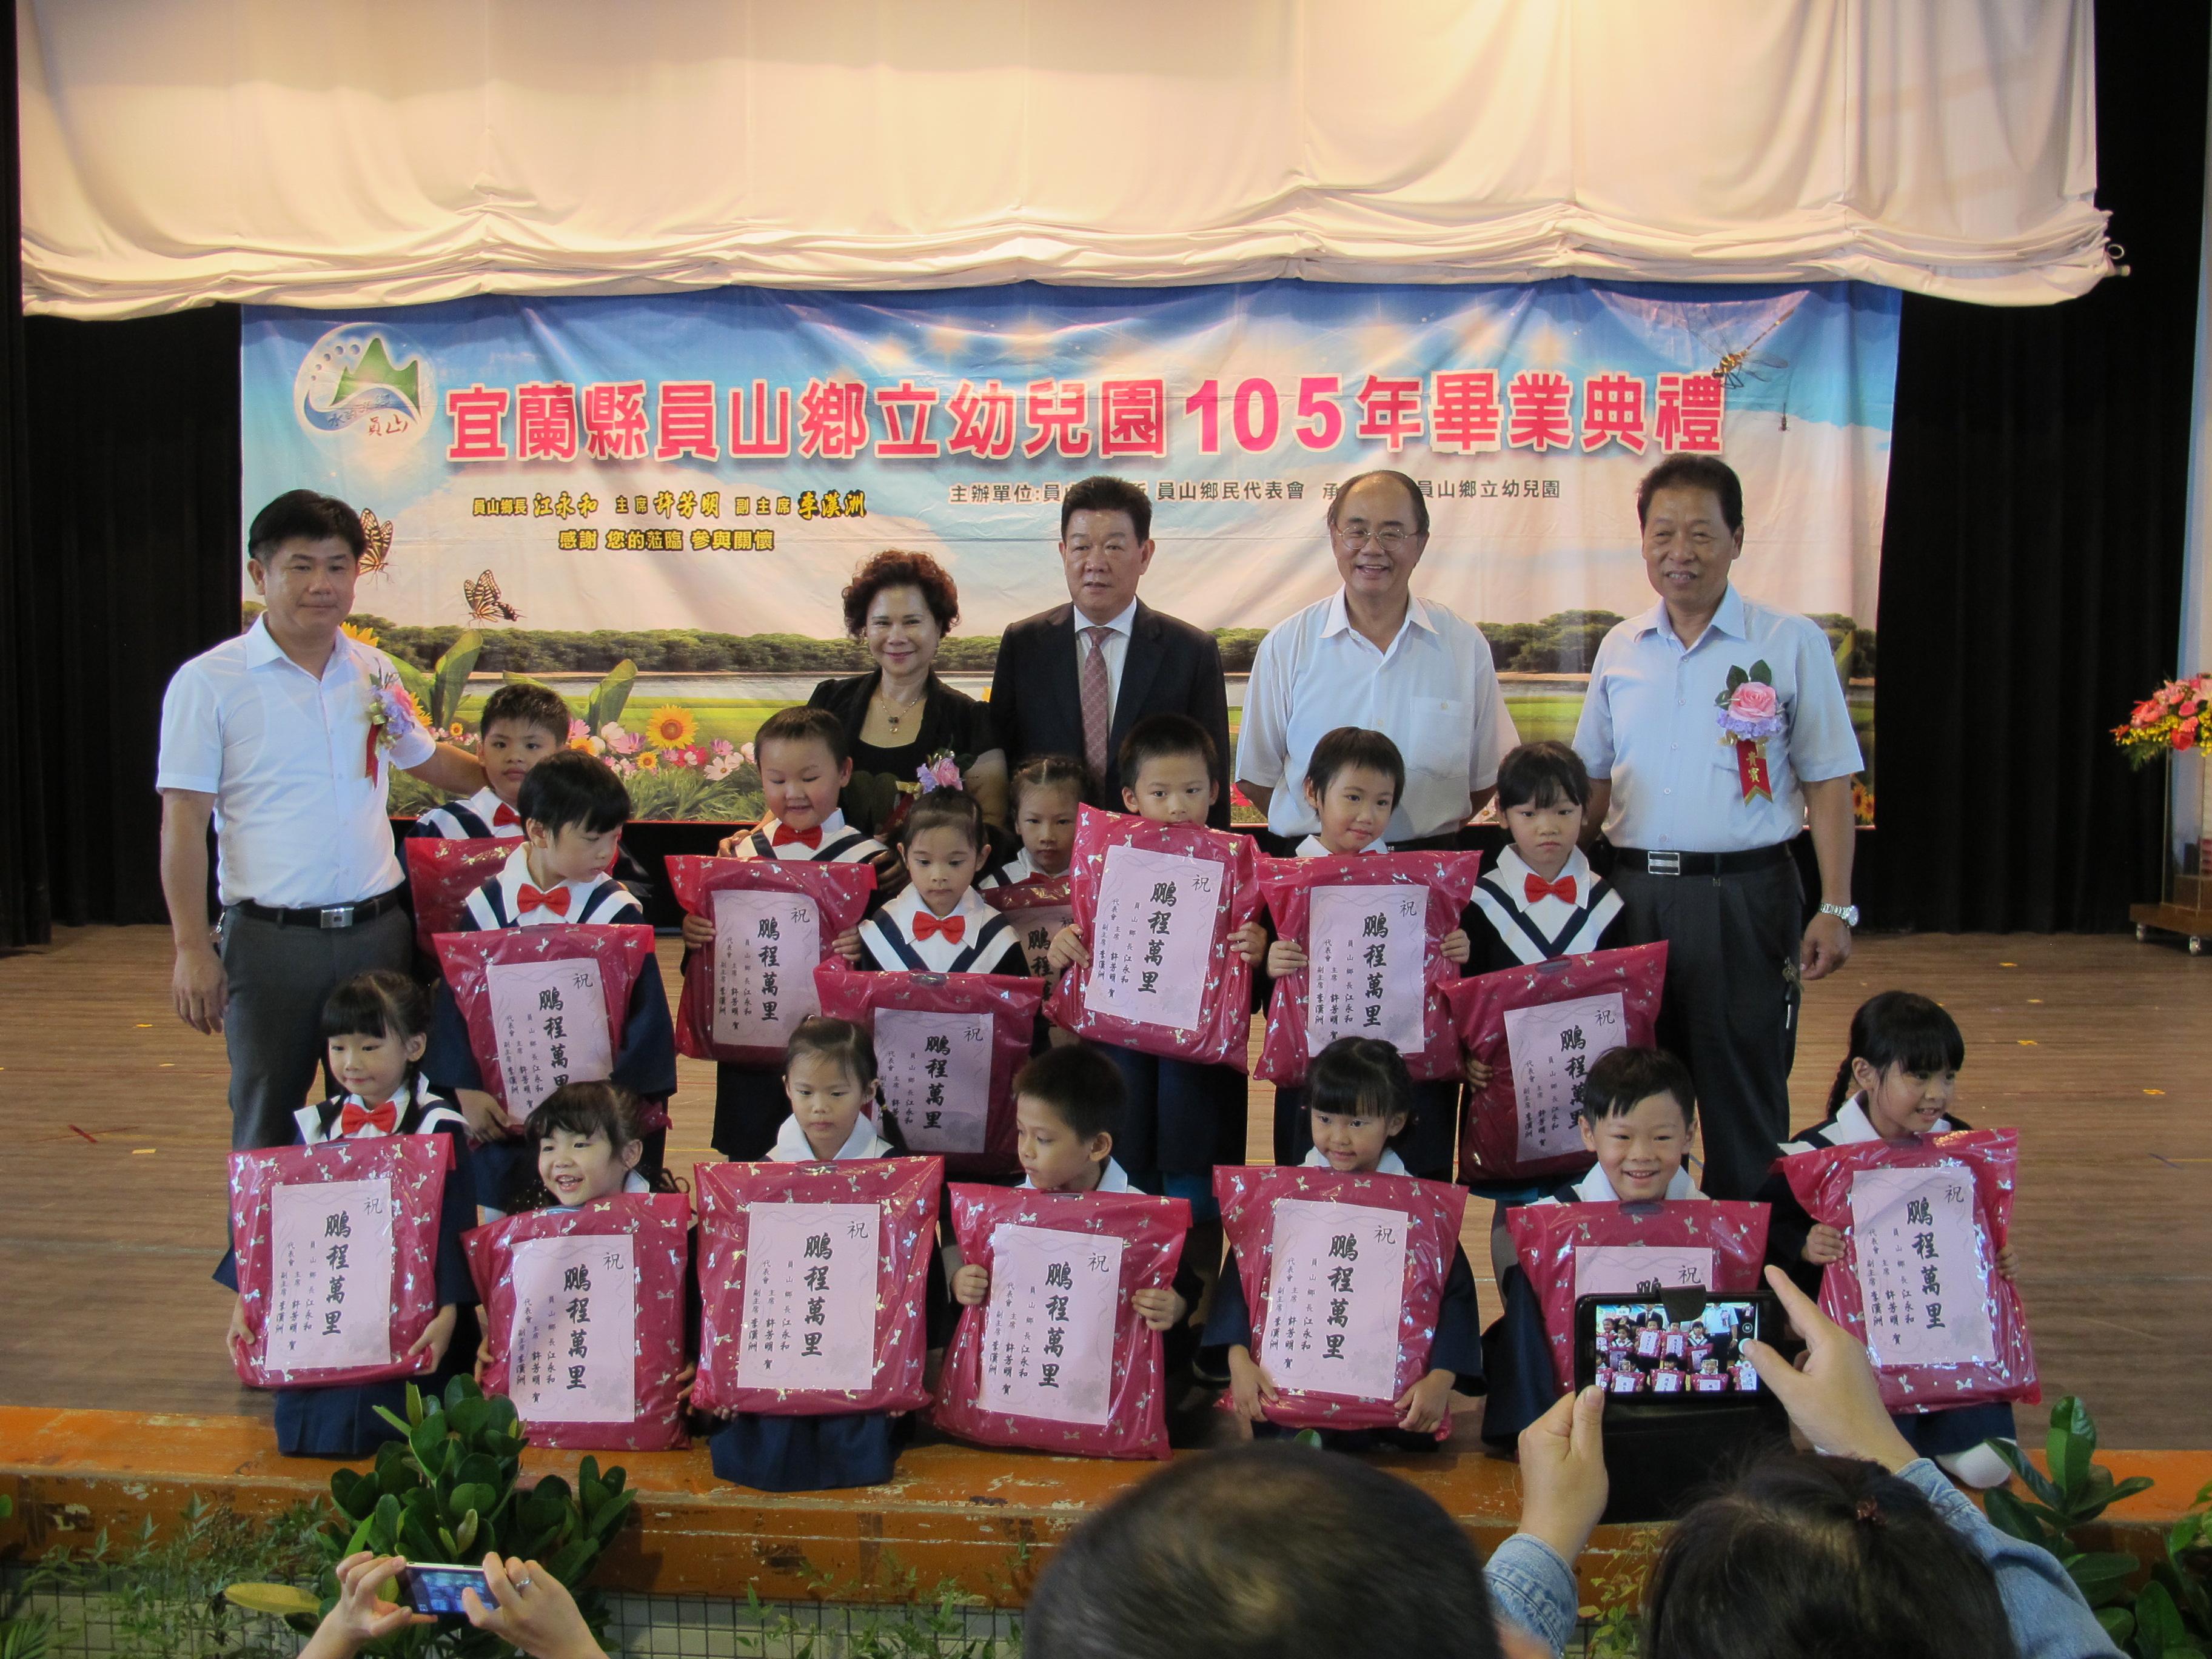 105年員山幼兒園畢業典禮